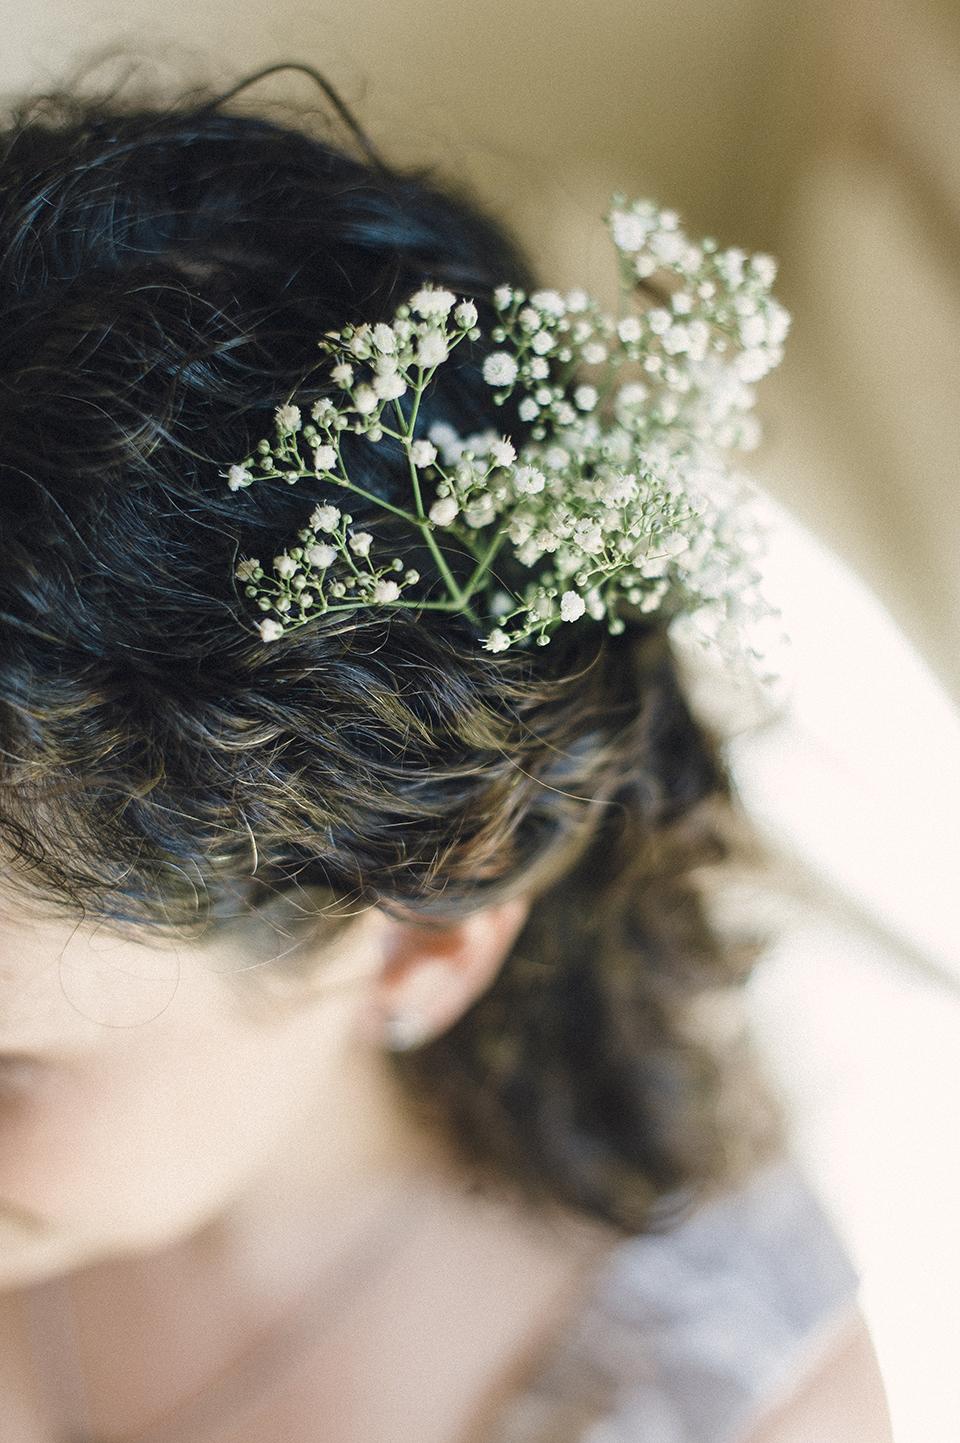 RyanParker_WeddingPhotographer_FineArt_CapeTown_Stanford_Hermanus_J&I_DSC_0117.jpg